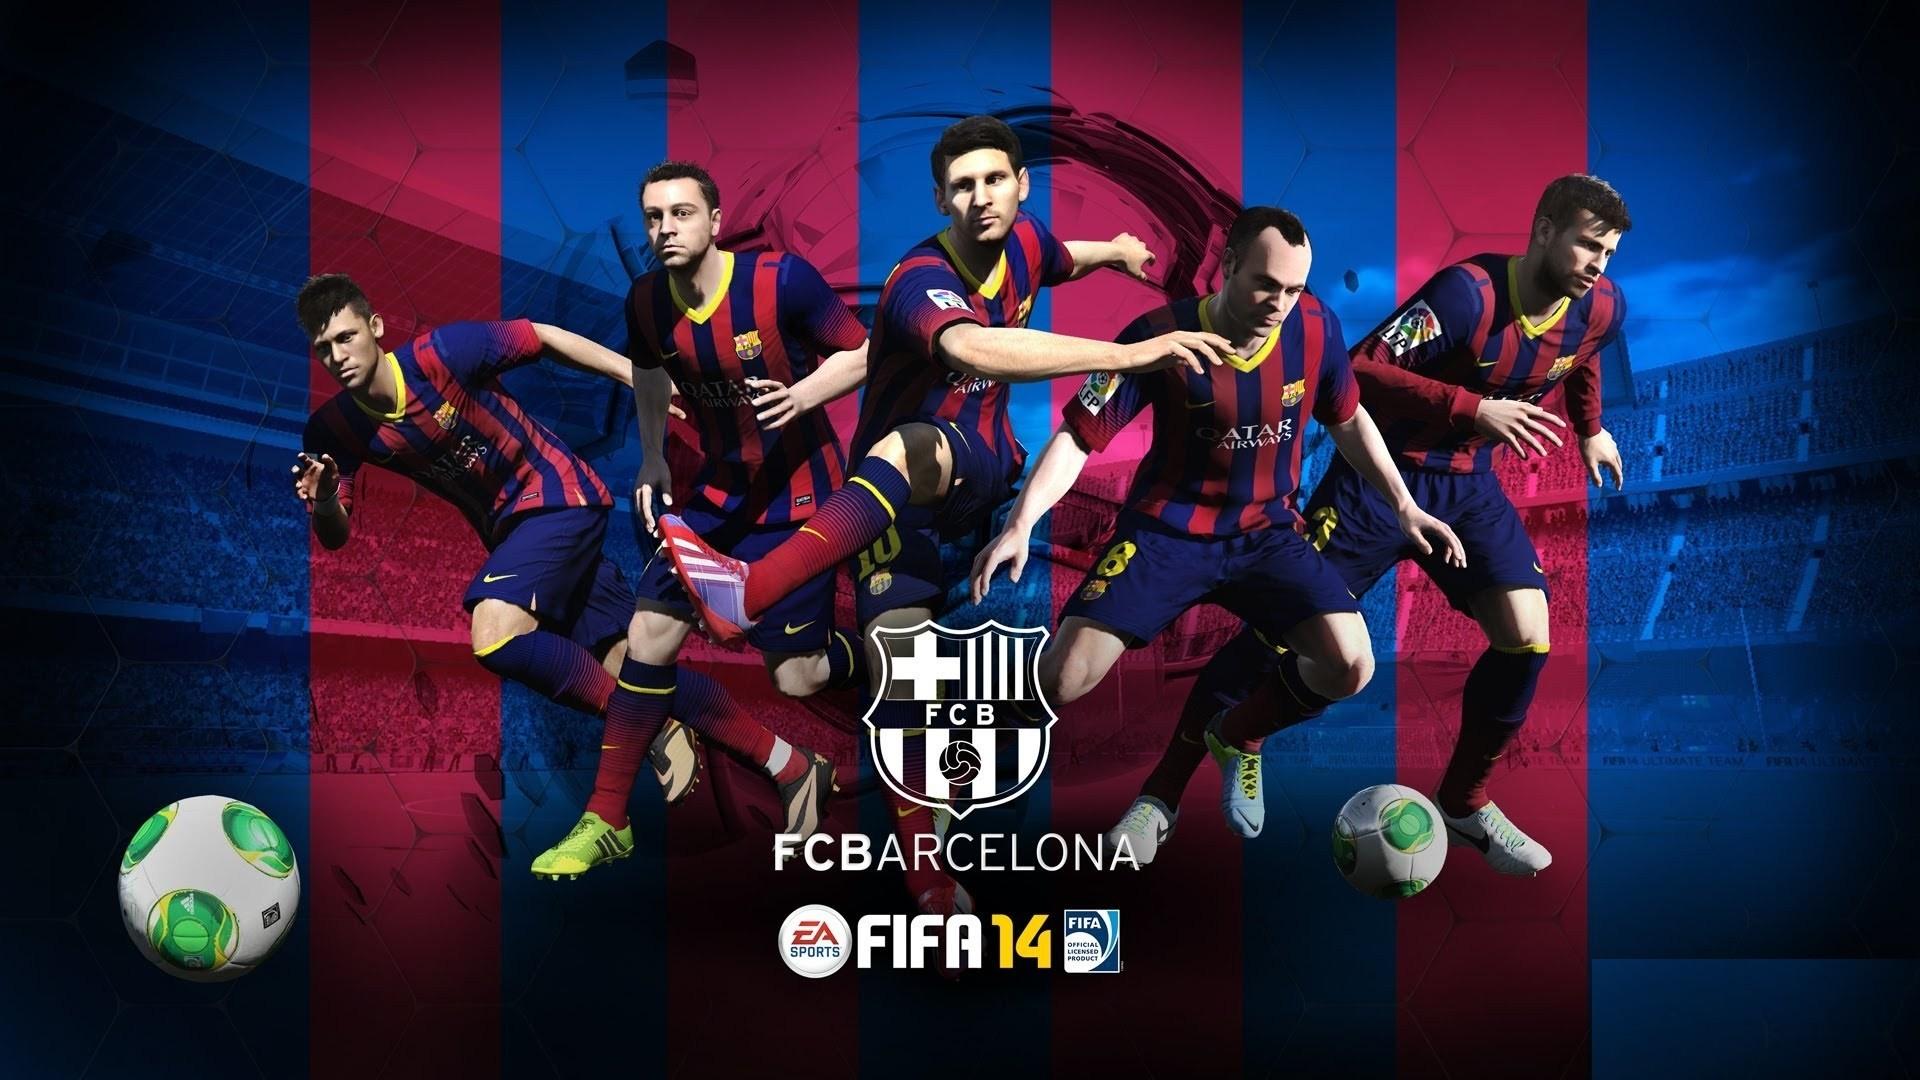 Fondos De Pantalla Del Fútbol Club Barcelona Wallpapers: Fc Barcelona Wallpapers HD 2017 (76+ Images